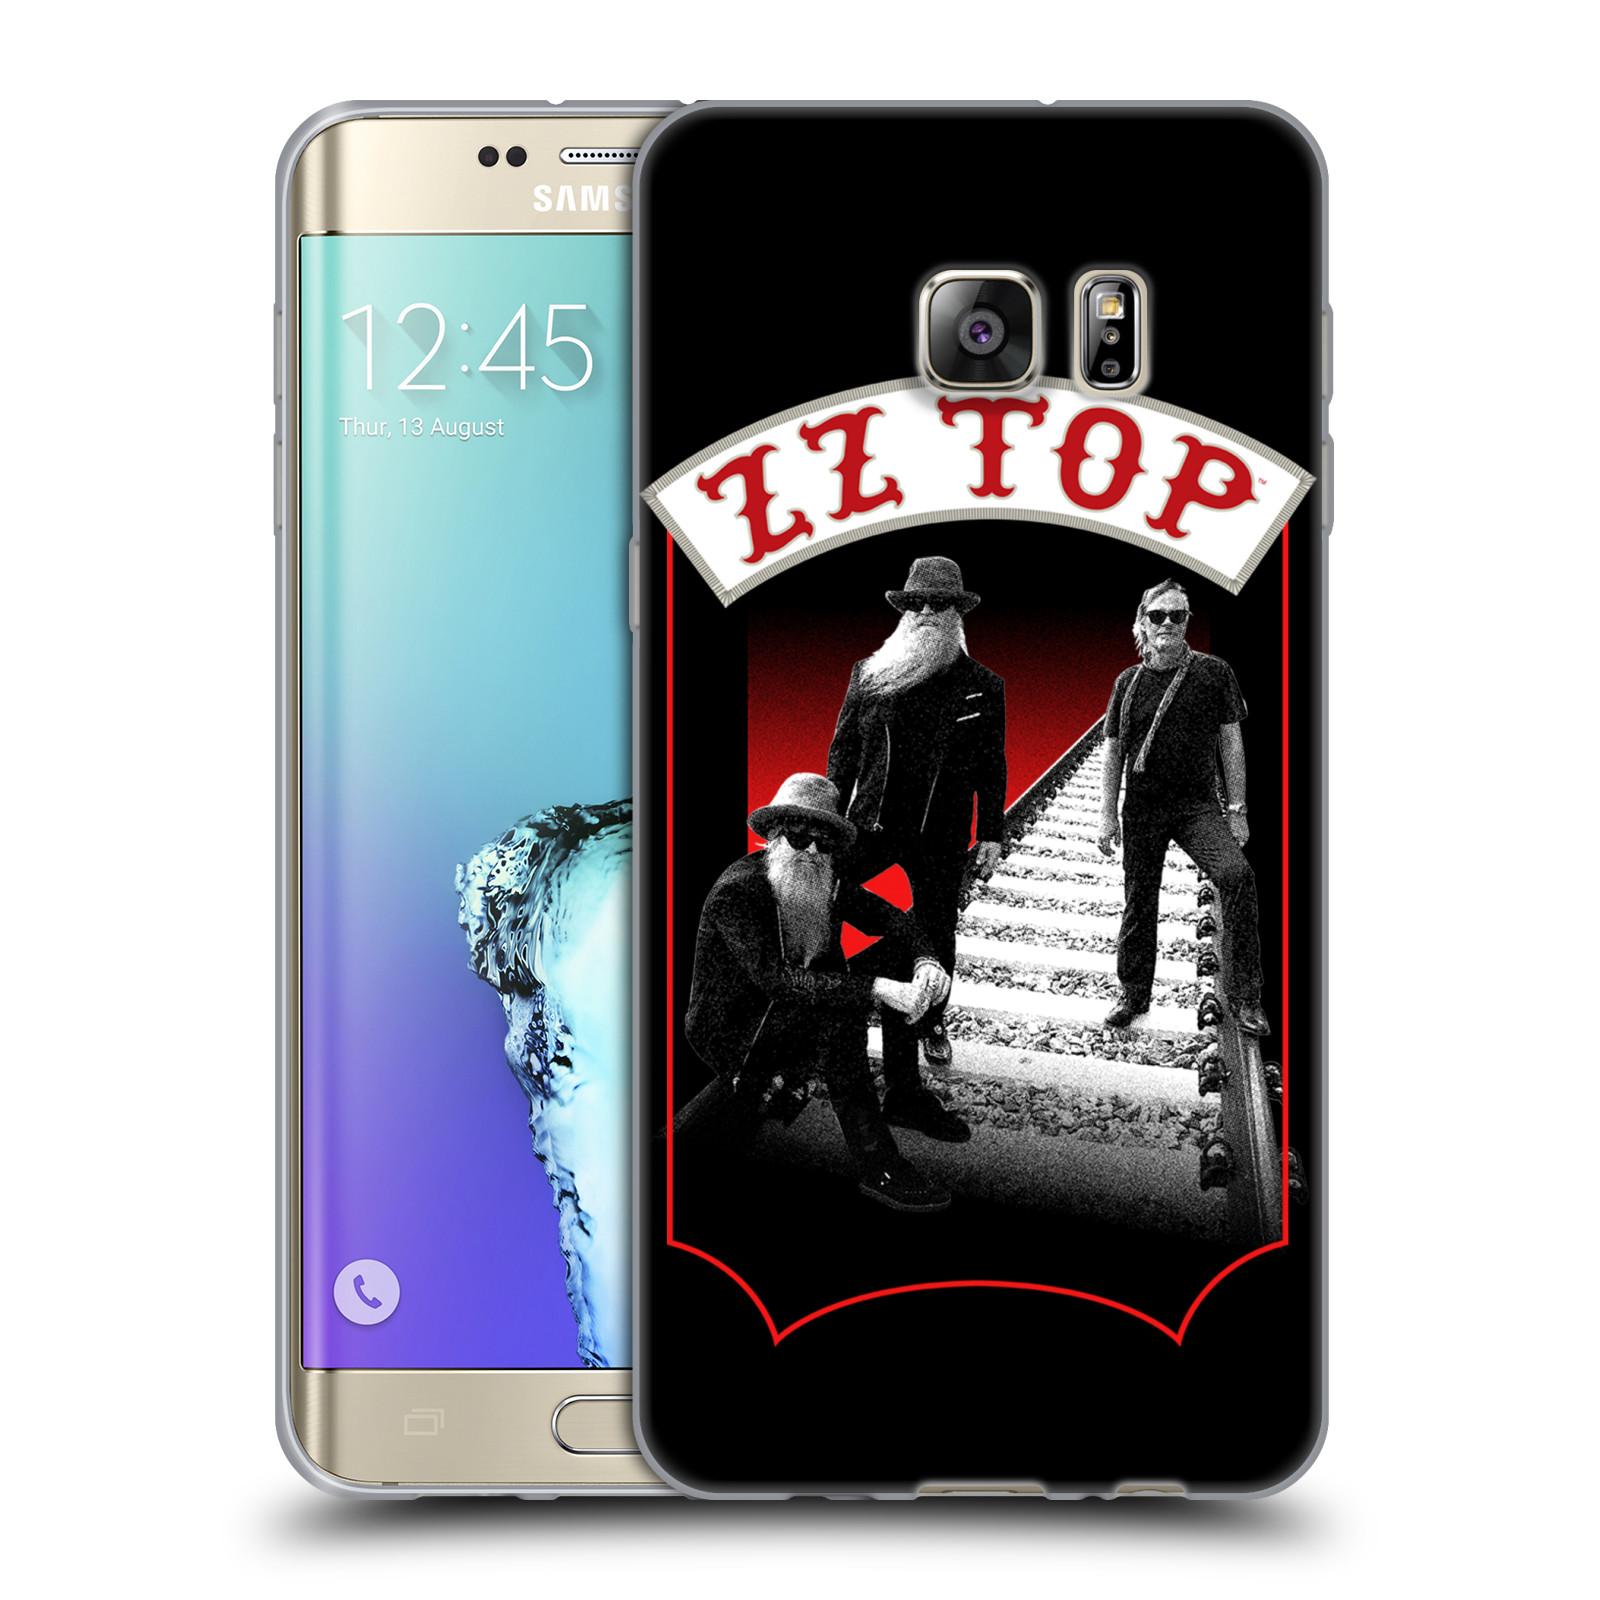 HEAD CASE silikonový obal na mobil Samsung Galaxy S6 EDGE PLUS ZZ Top koleje zpěváci